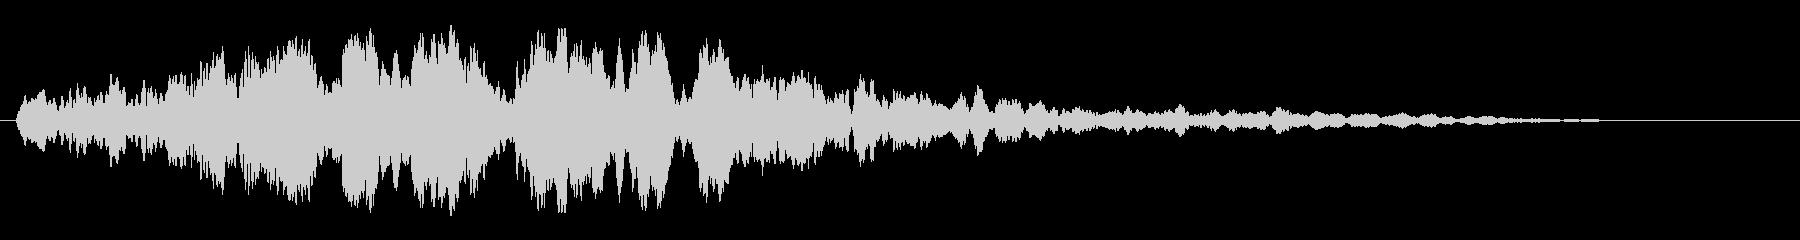 キーン (神秘的な響き)の未再生の波形